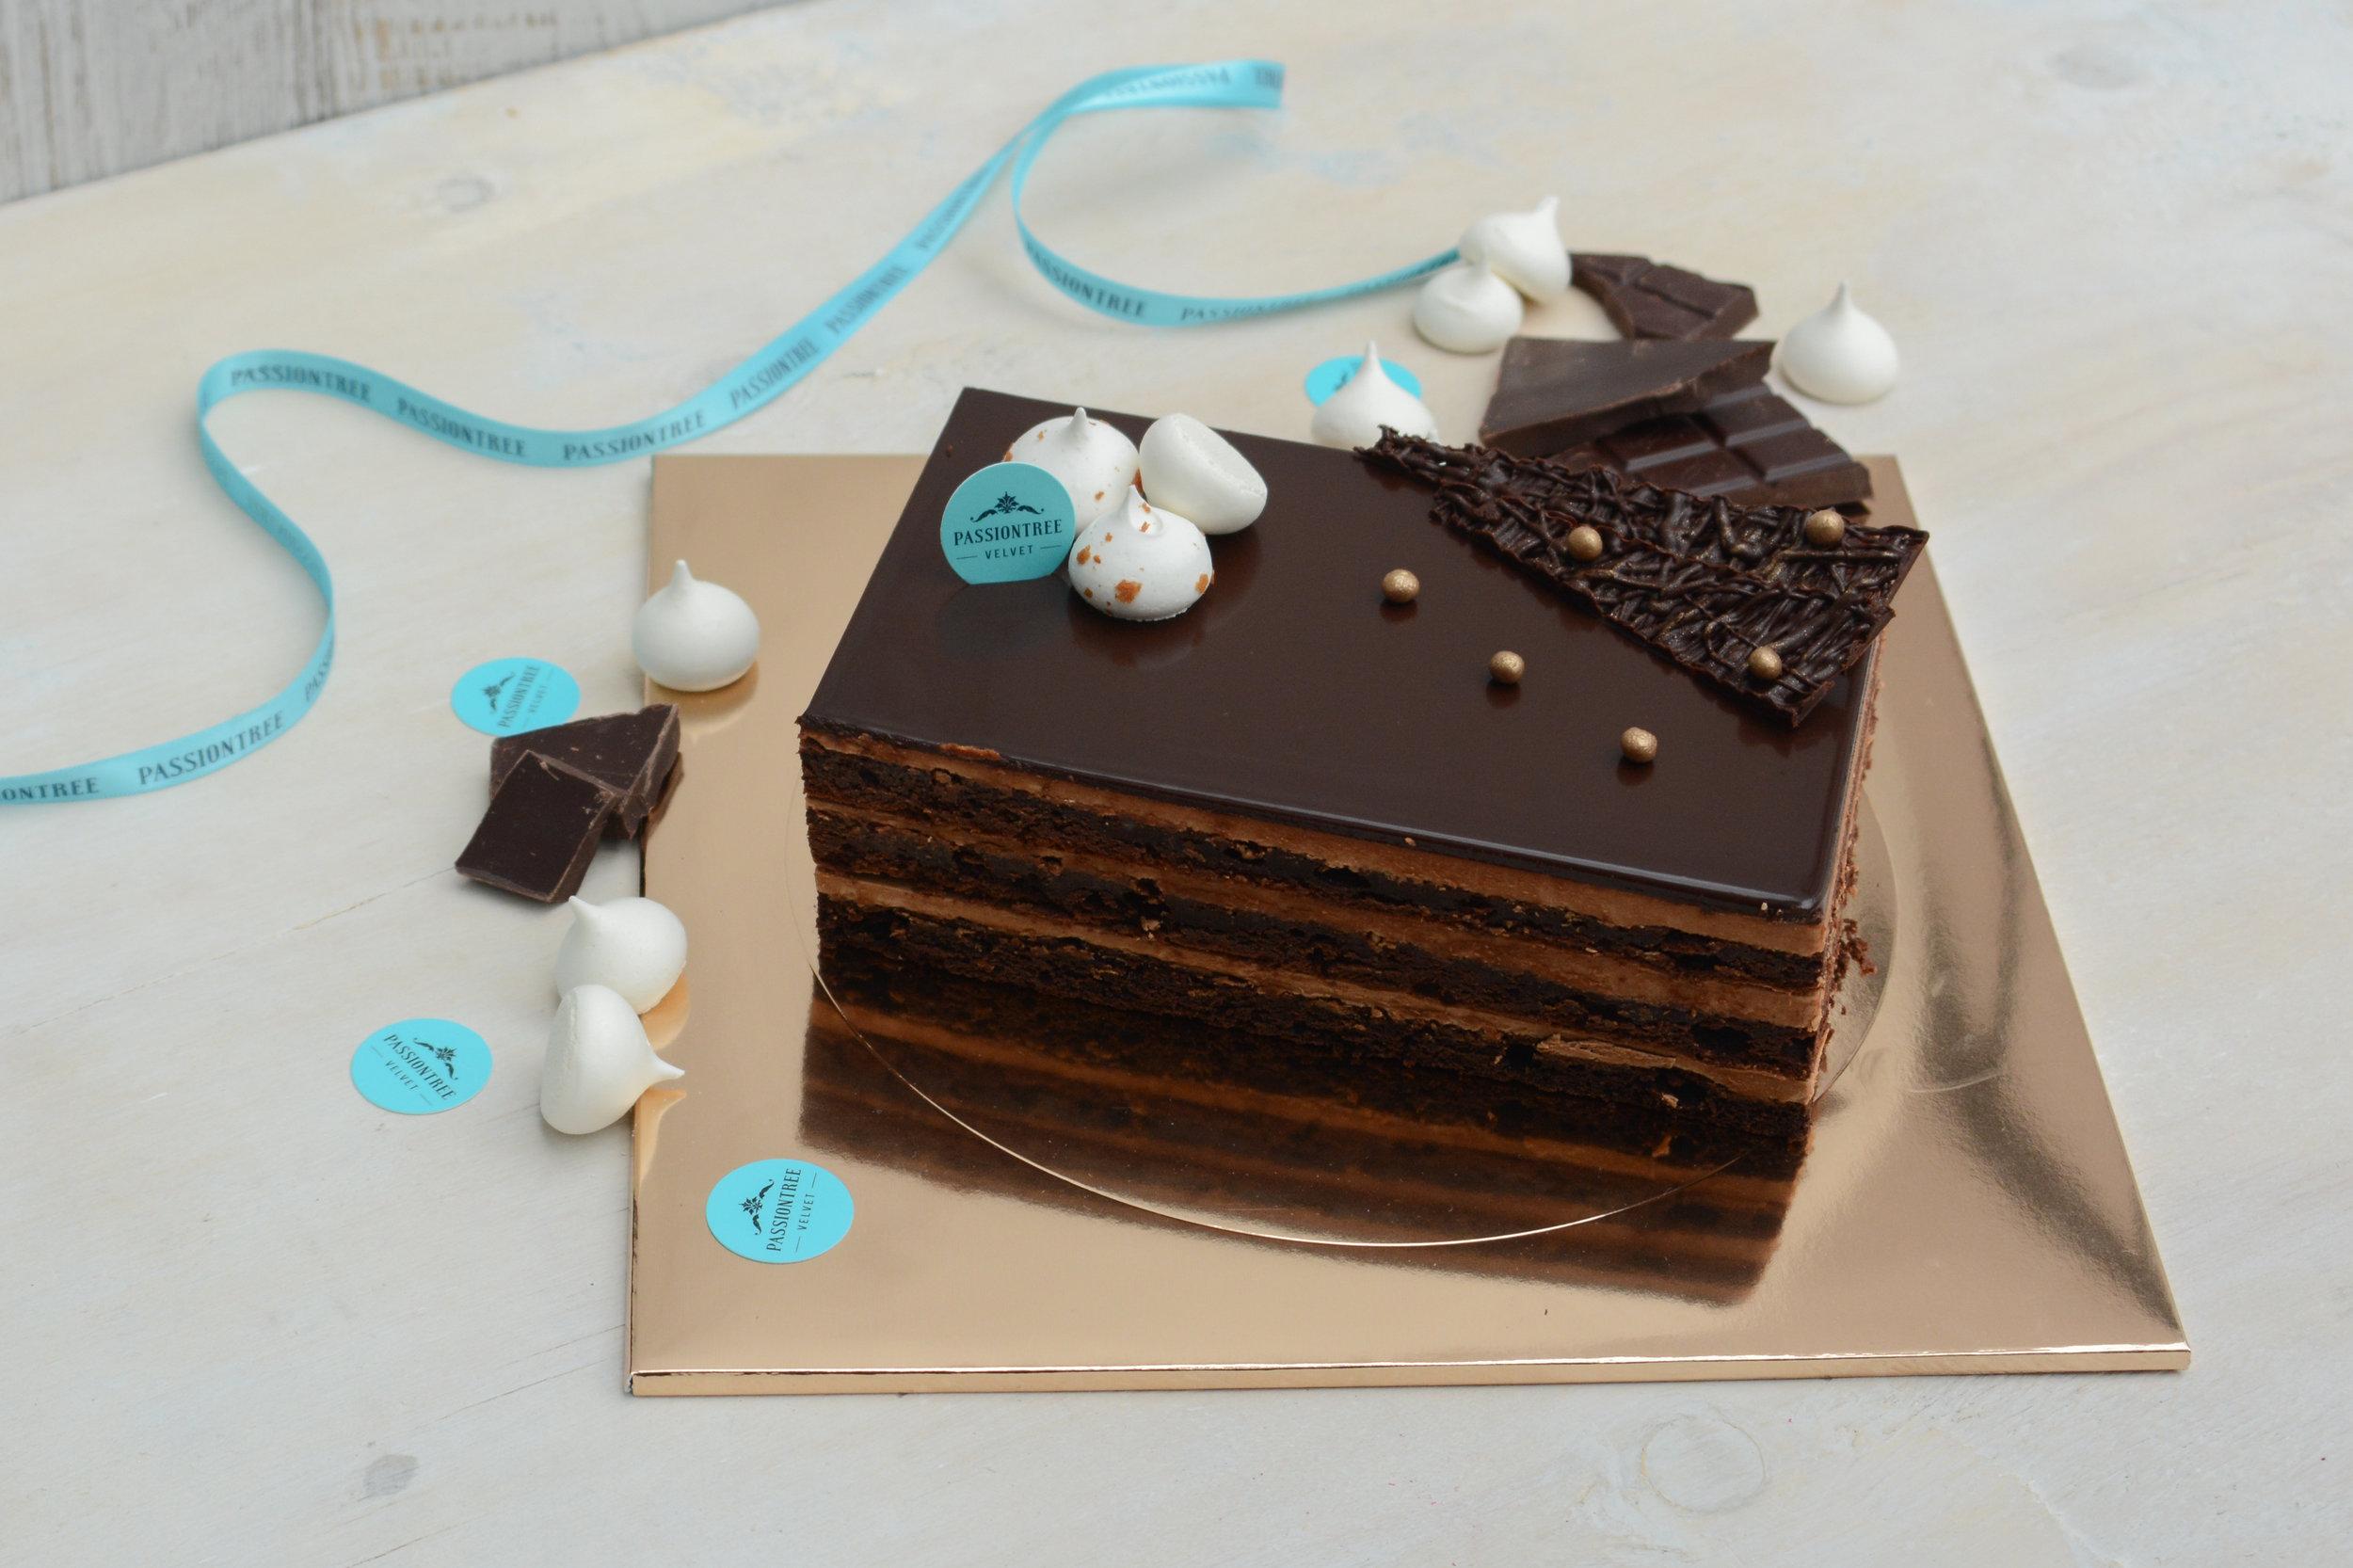 passiontree velvet chocolate truffle whole cake